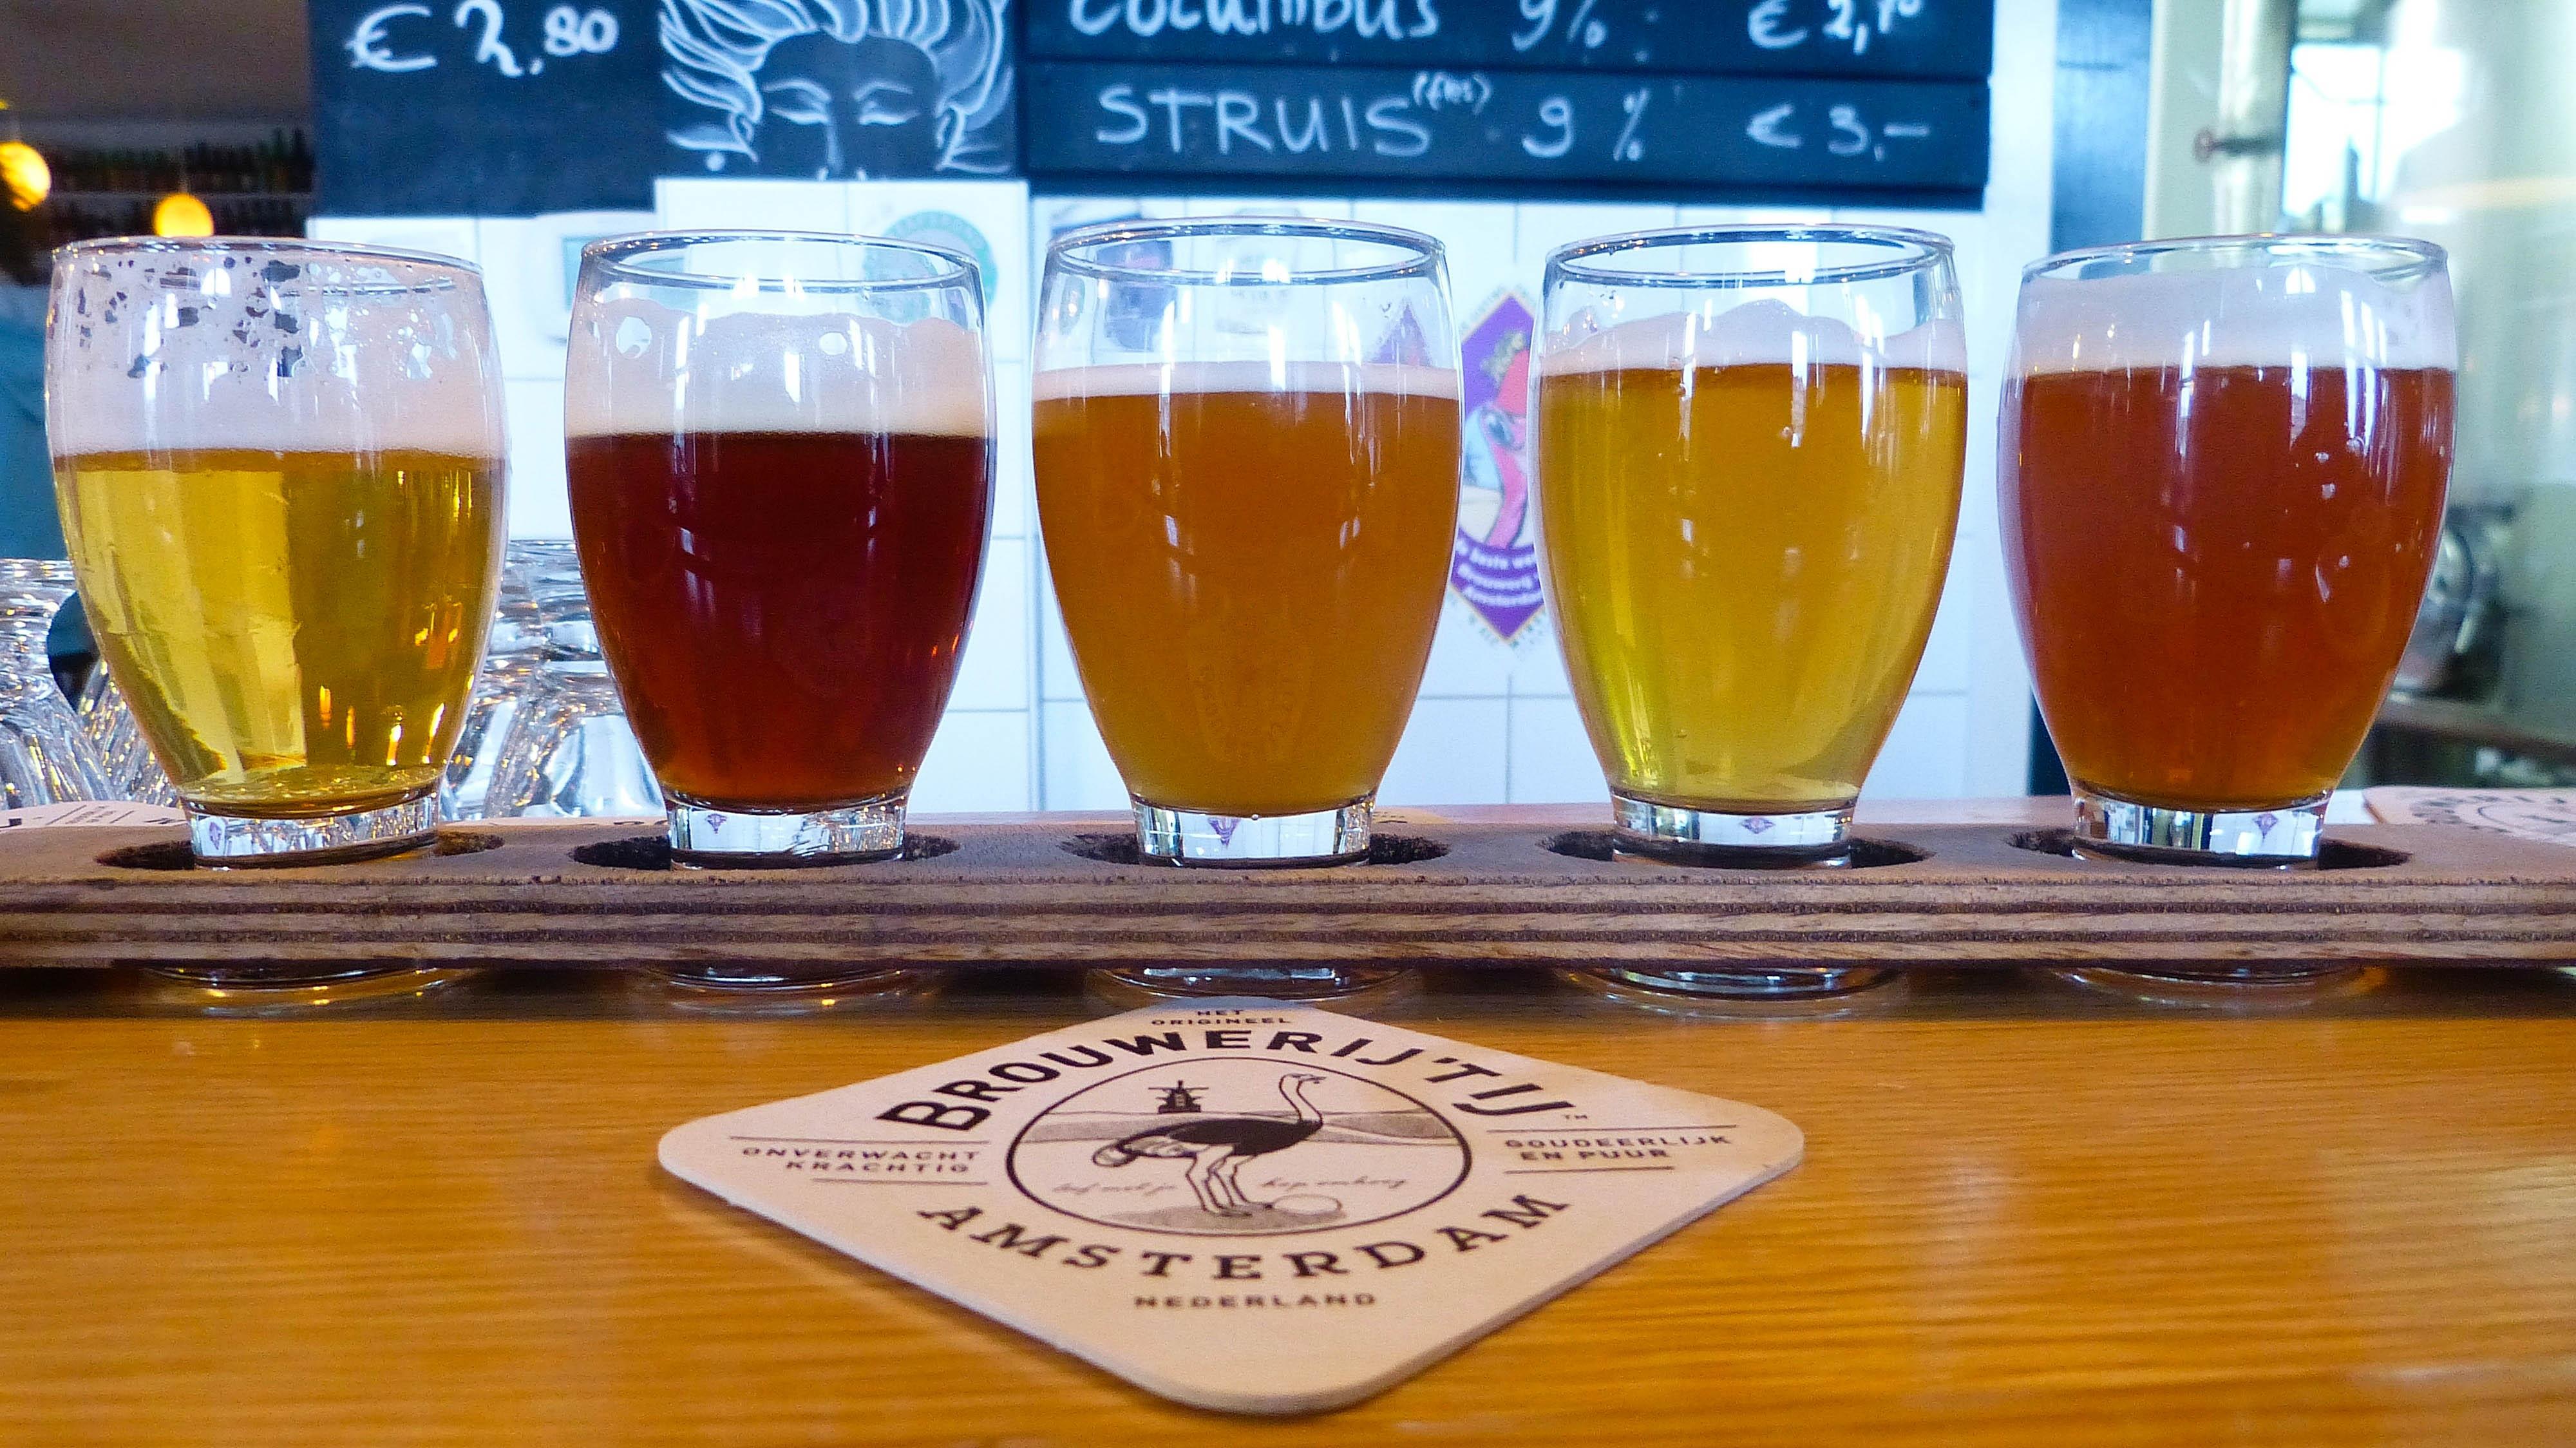 Amsterdam Bier